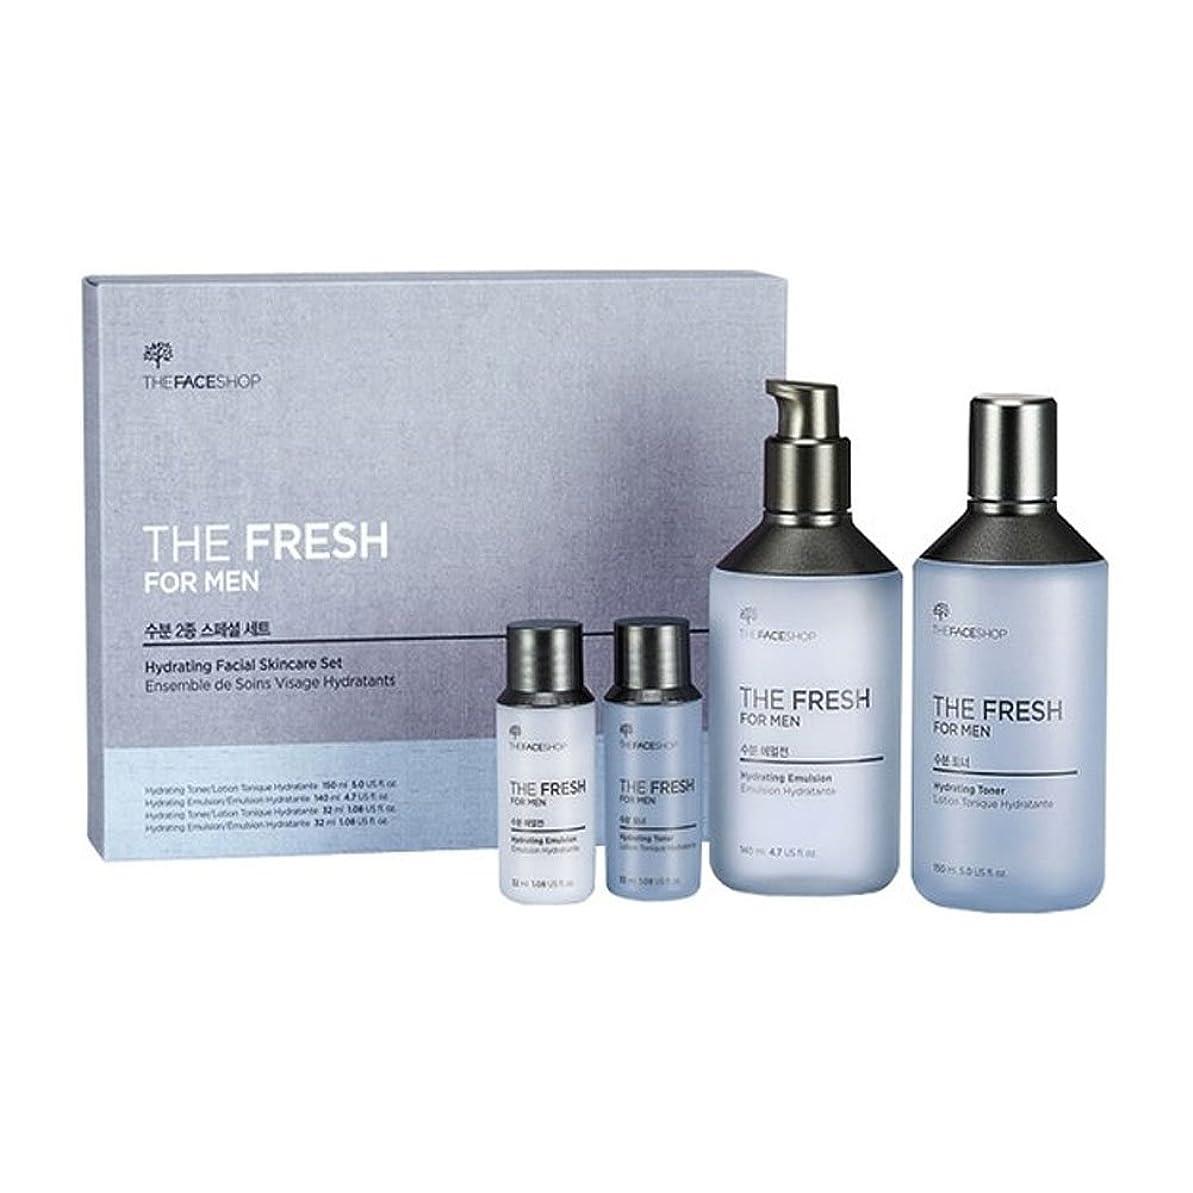 カブ単なるハイランドザ?フェイスショップ ザ?フレッシュフォーマン?ハイドレーティング?フェイシャルスキンケアセットトナー(150+32ml)エマルジョン(140+32ml)メンズコスメ、The Face Shop The Fresh For Man Hydrating Facial Skincare Set Toner(150+32ml) Emulsion(140+32ml) Men's Cosmetis [並行輸入品]